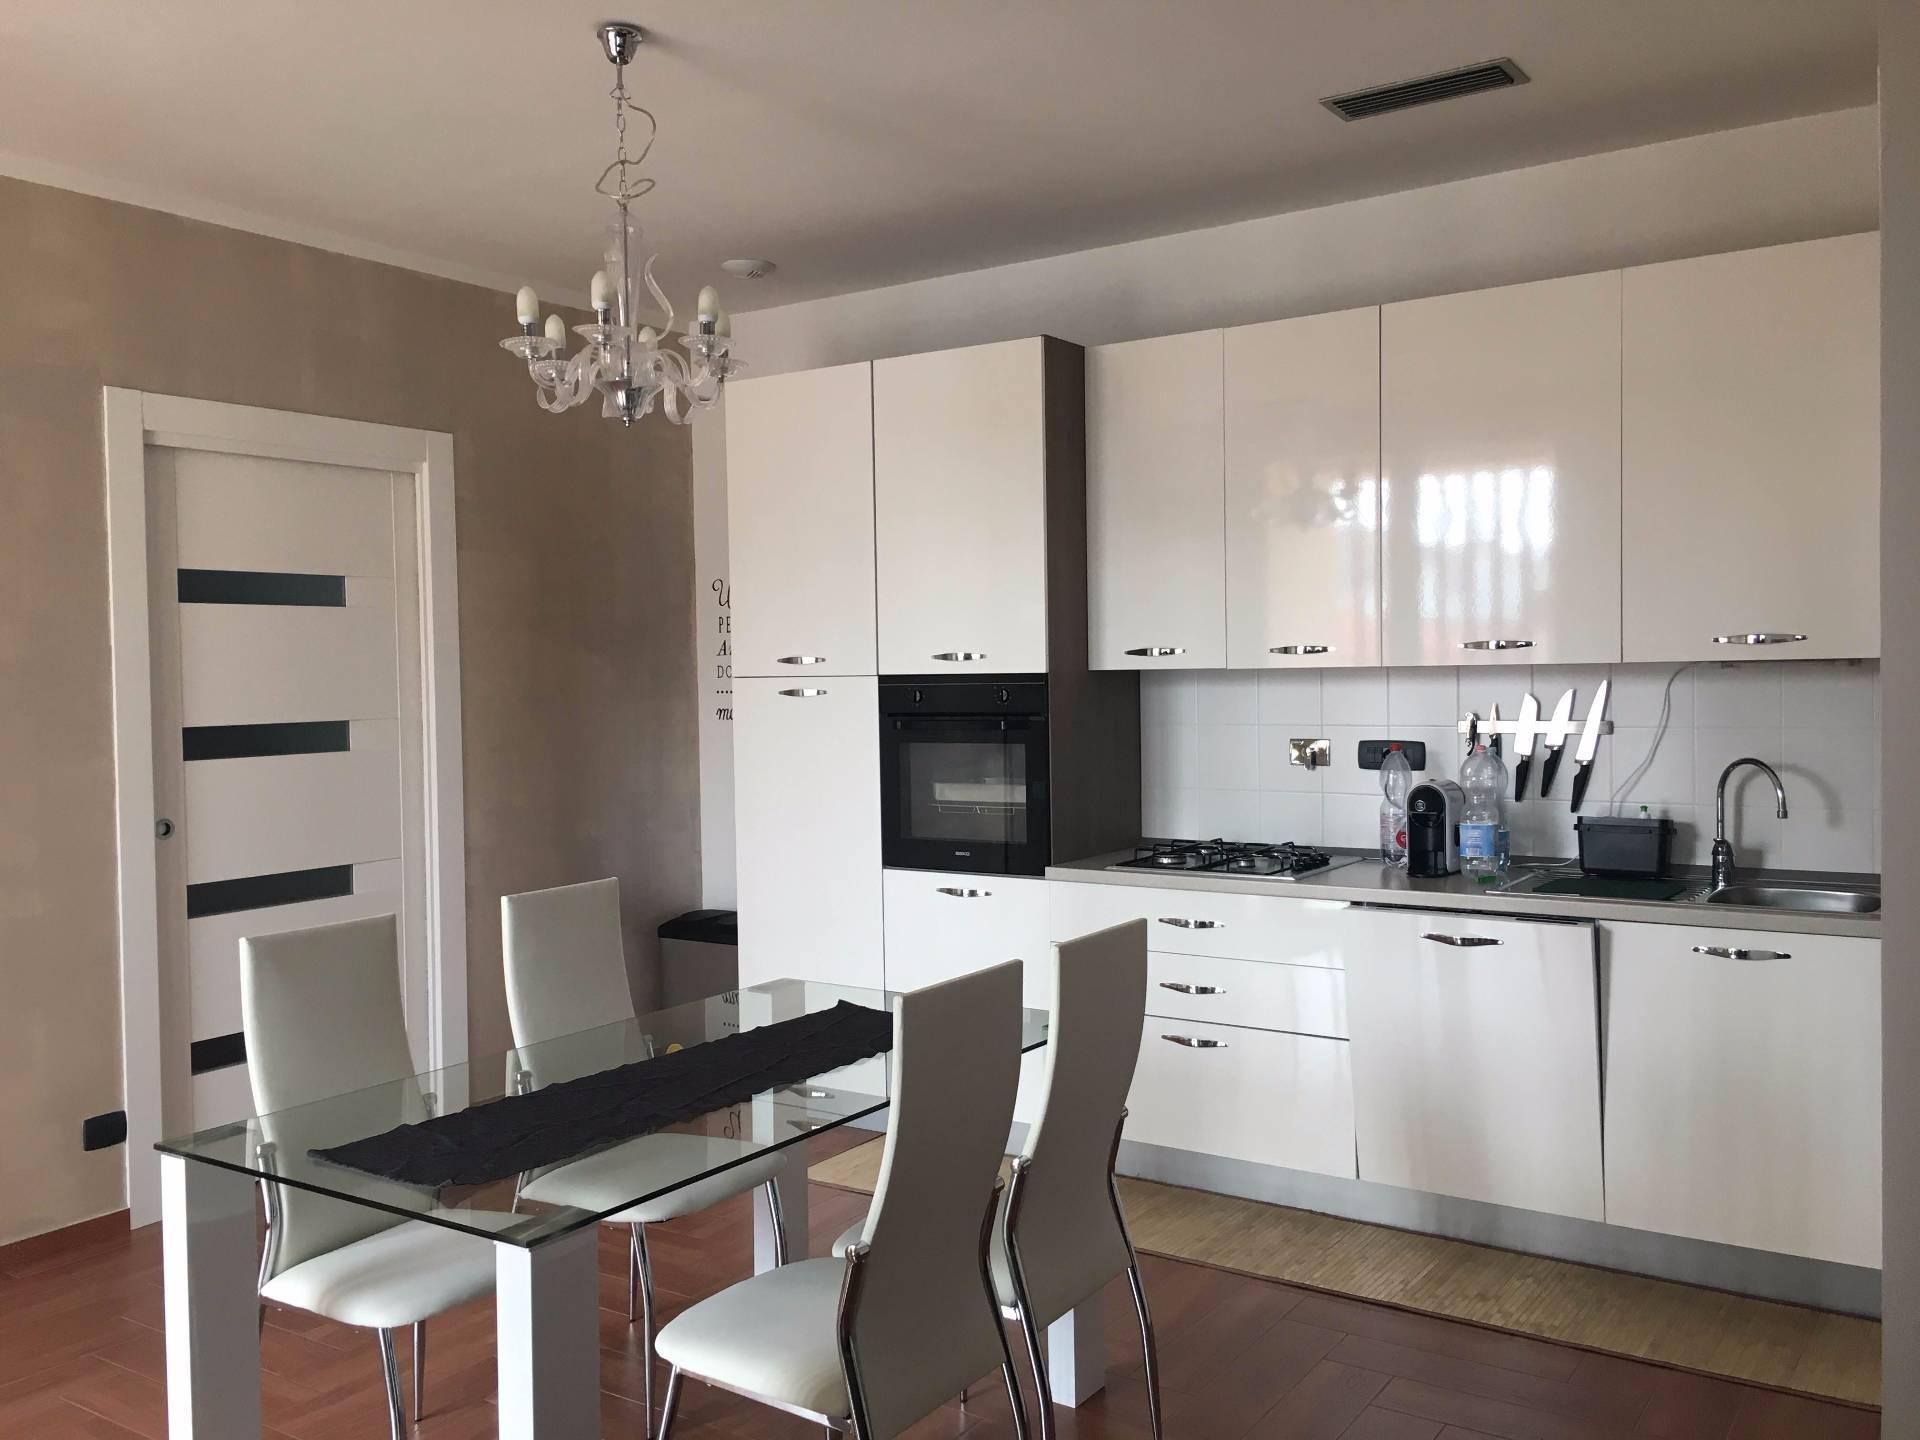 Appartamento in affitto a Bra, 3 locali, zona Località: SanMatteo, prezzo € 450 | PortaleAgenzieImmobiliari.it